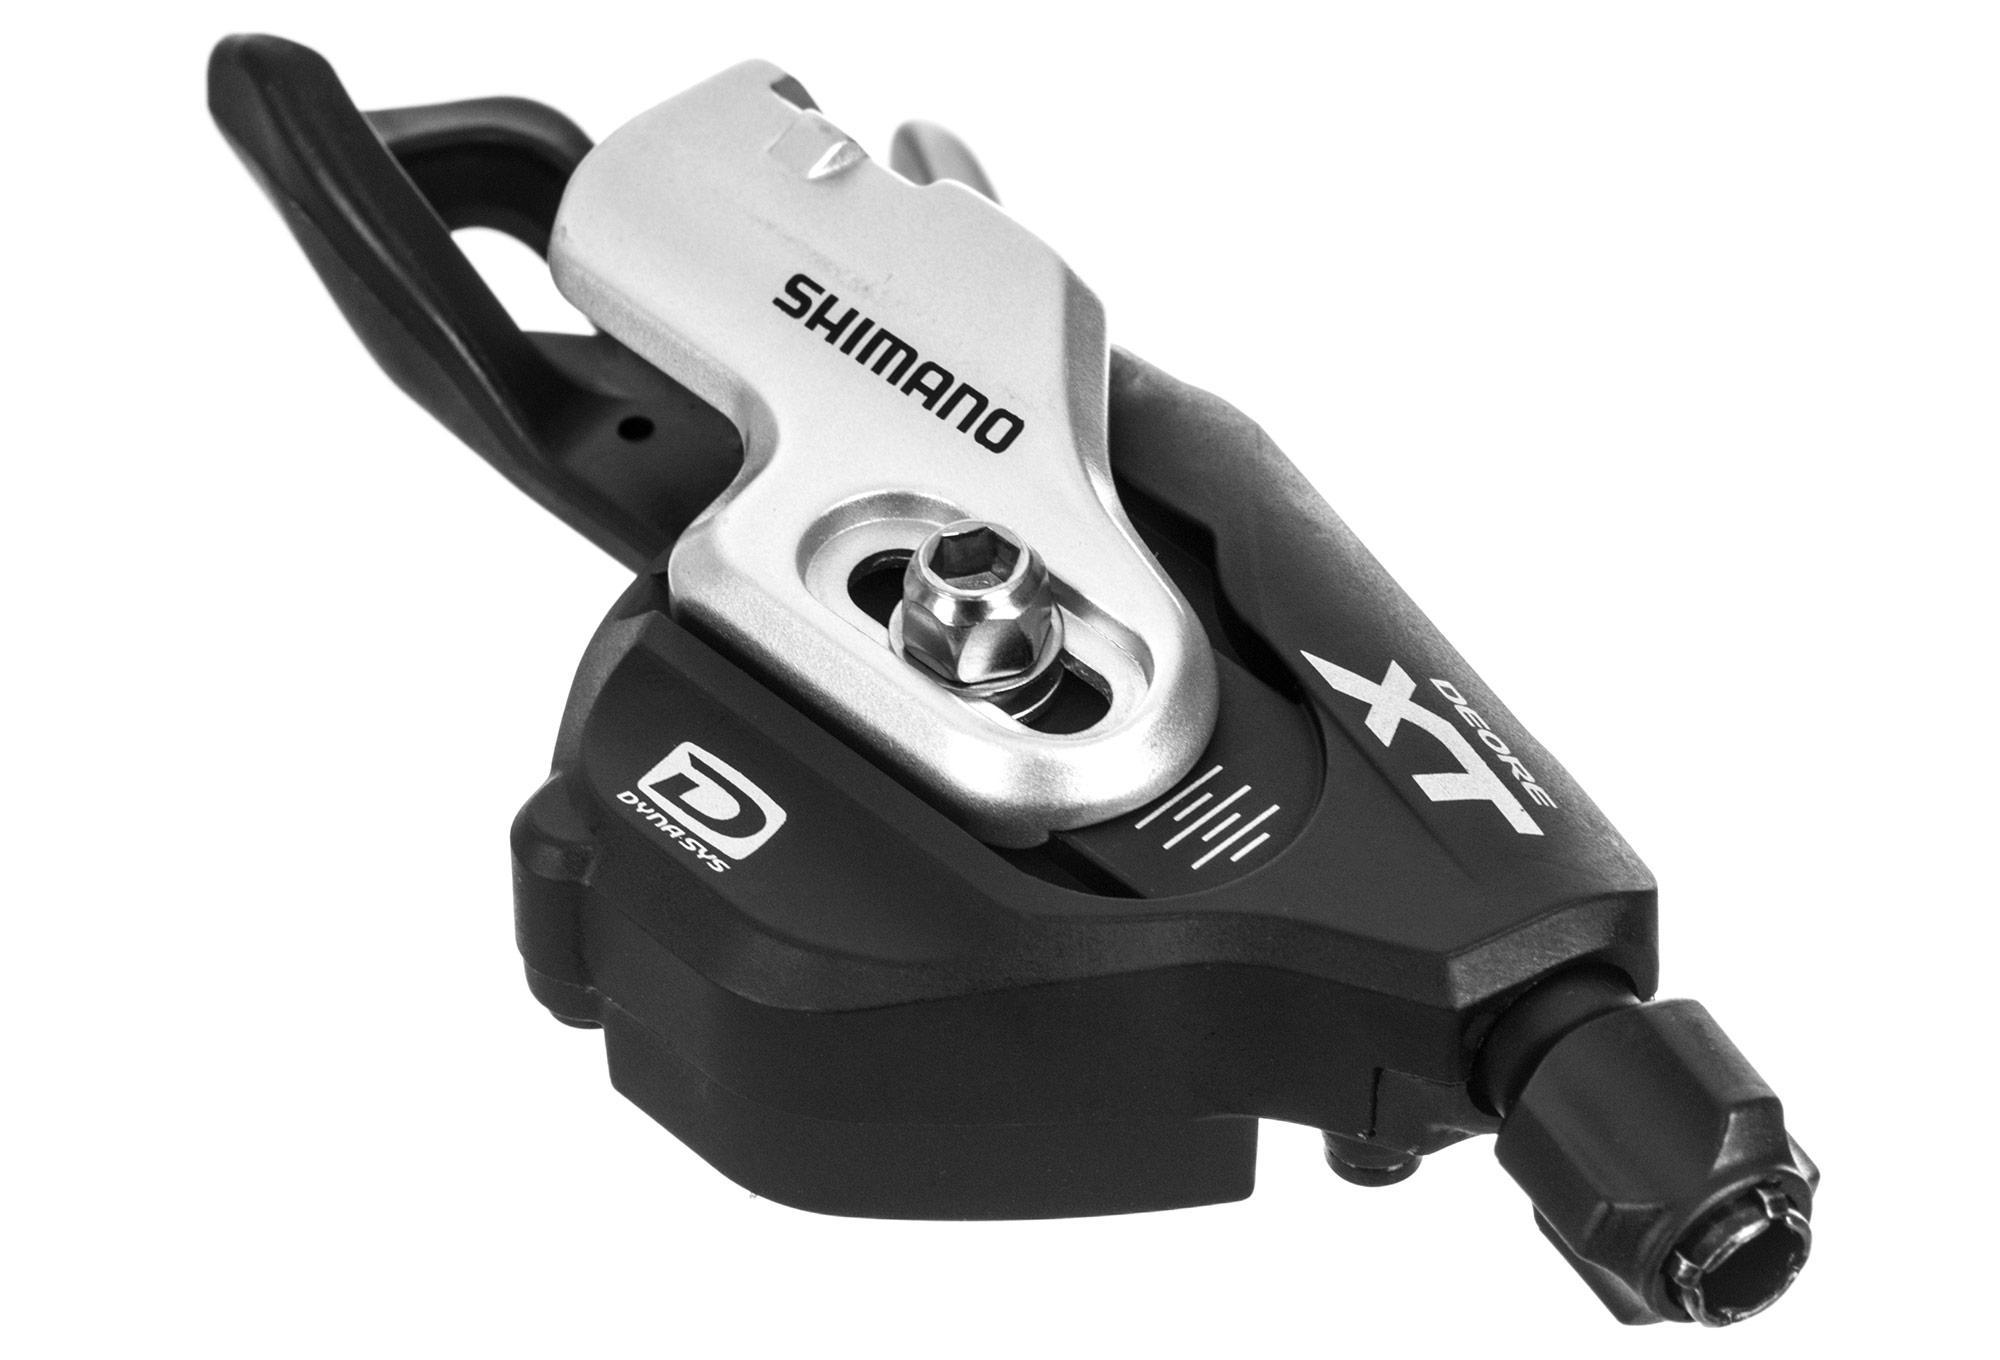 Shimano I-Spec Adaptateur Deore XT sm-sl78 I-Spec B Noir Argent Paire